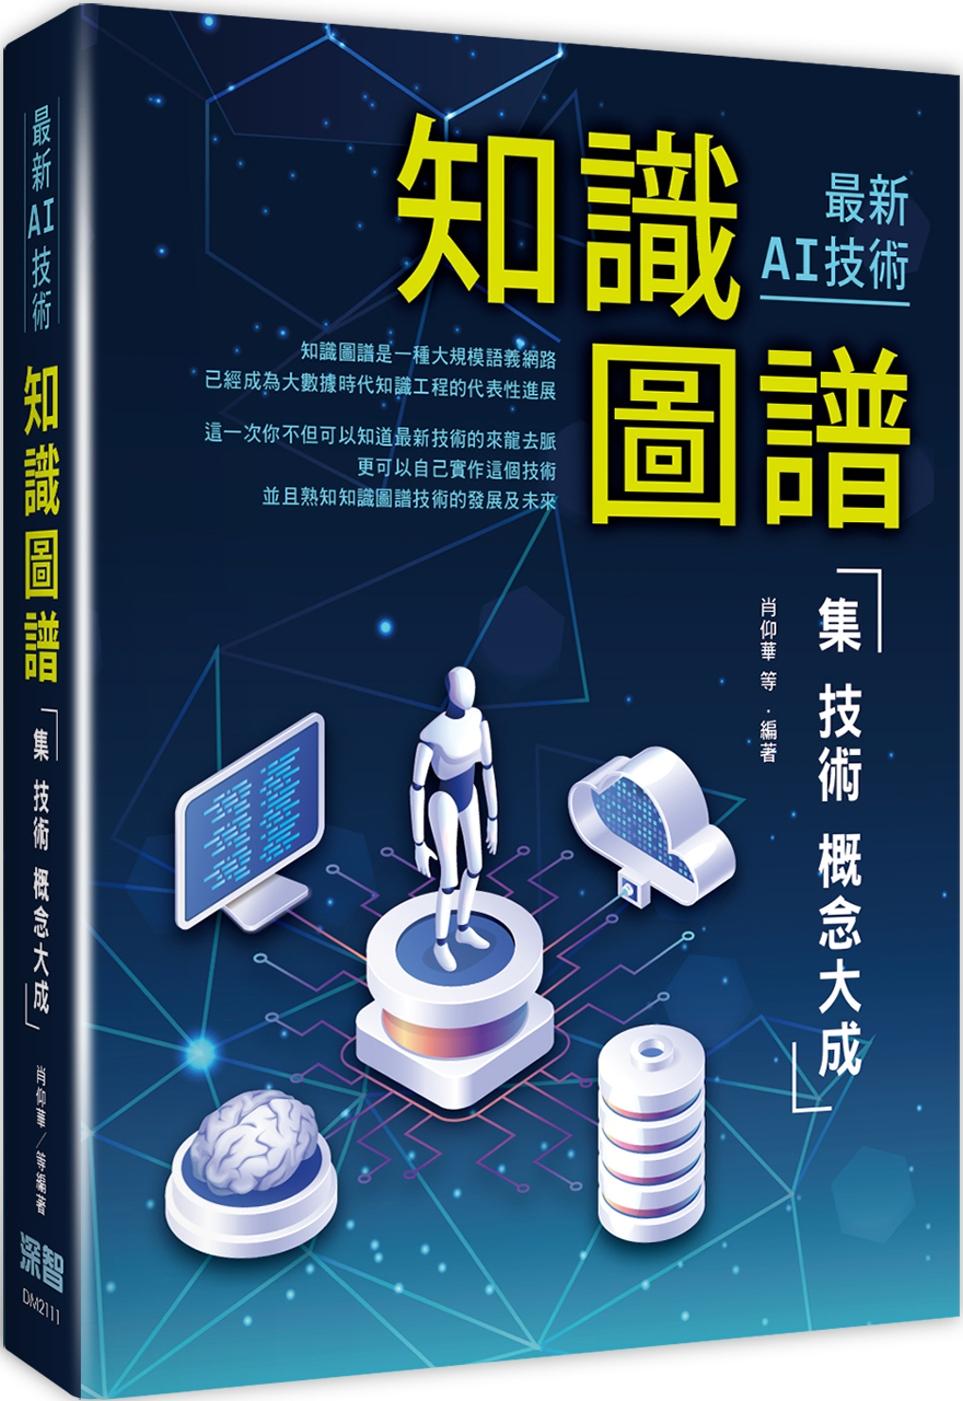 最新AI技術:知識圖譜集技術概...